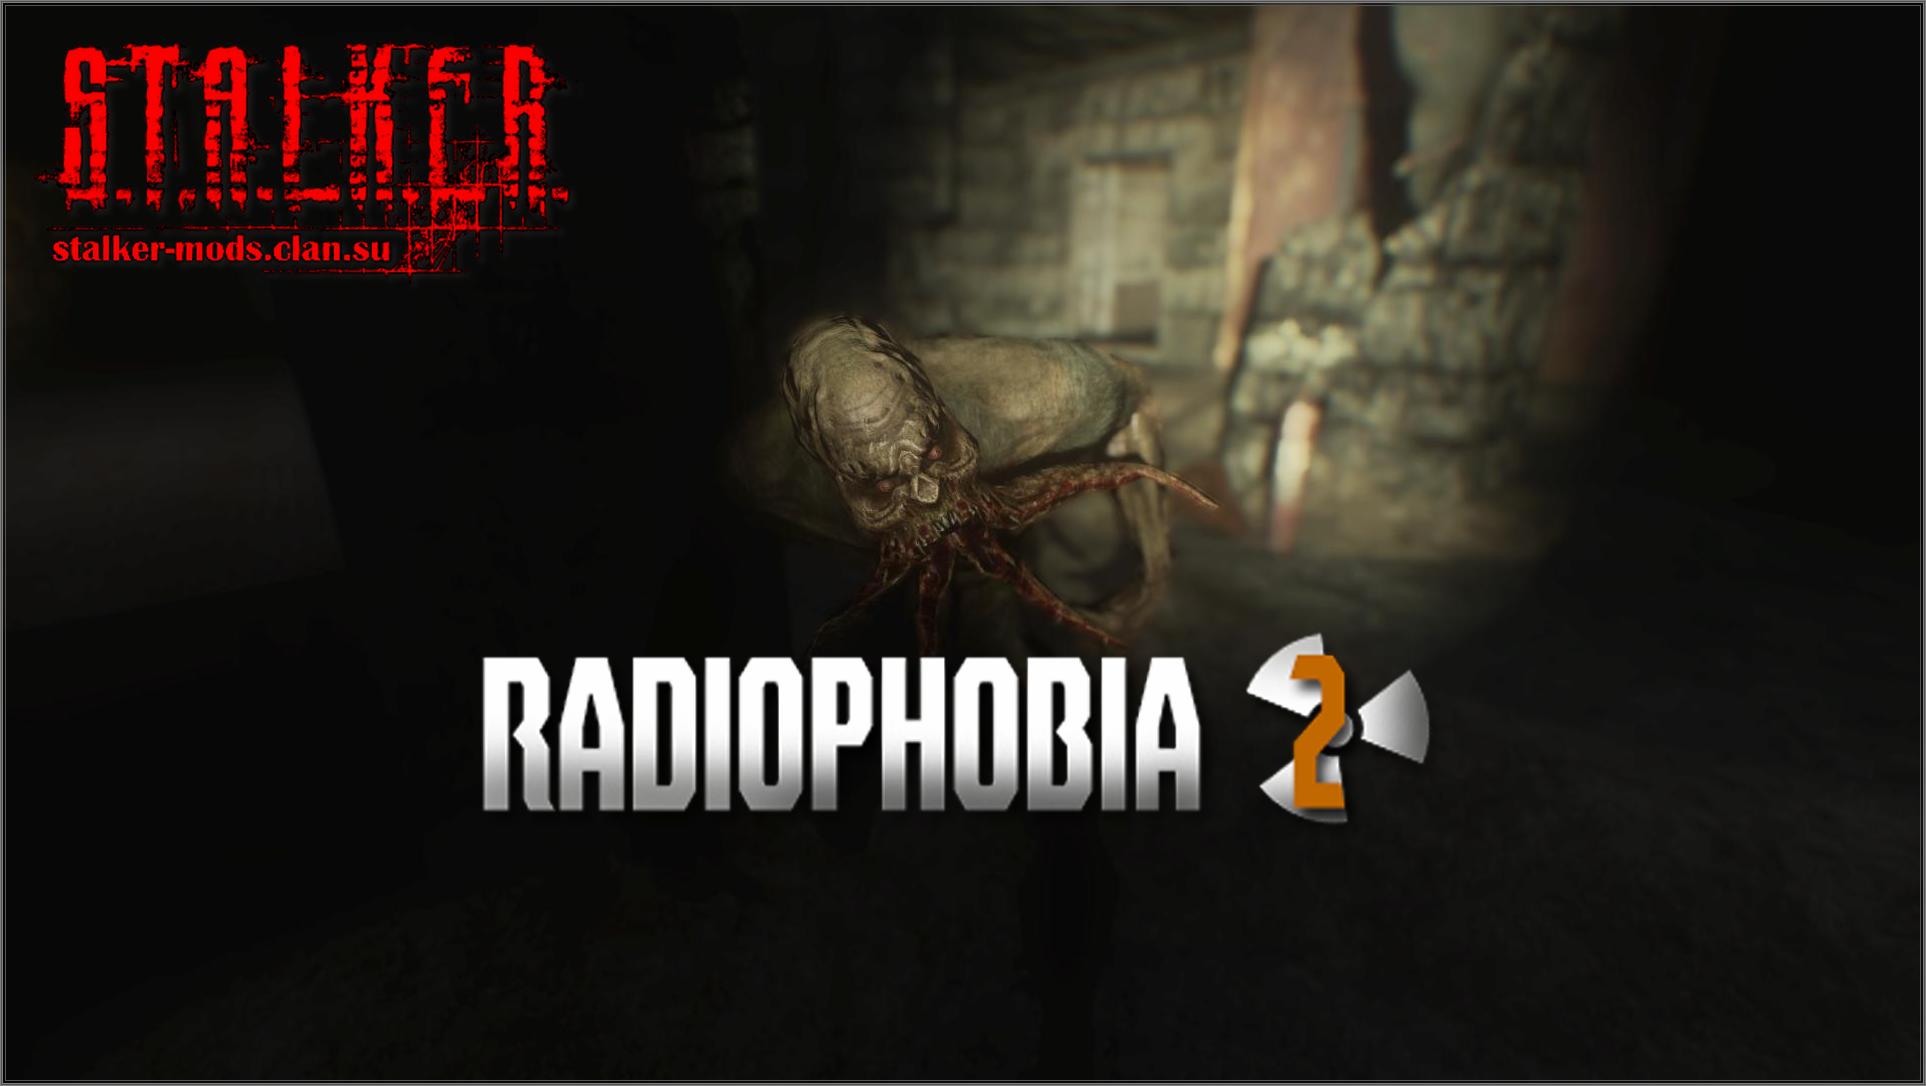 RadioPhobia 2a + OGSR